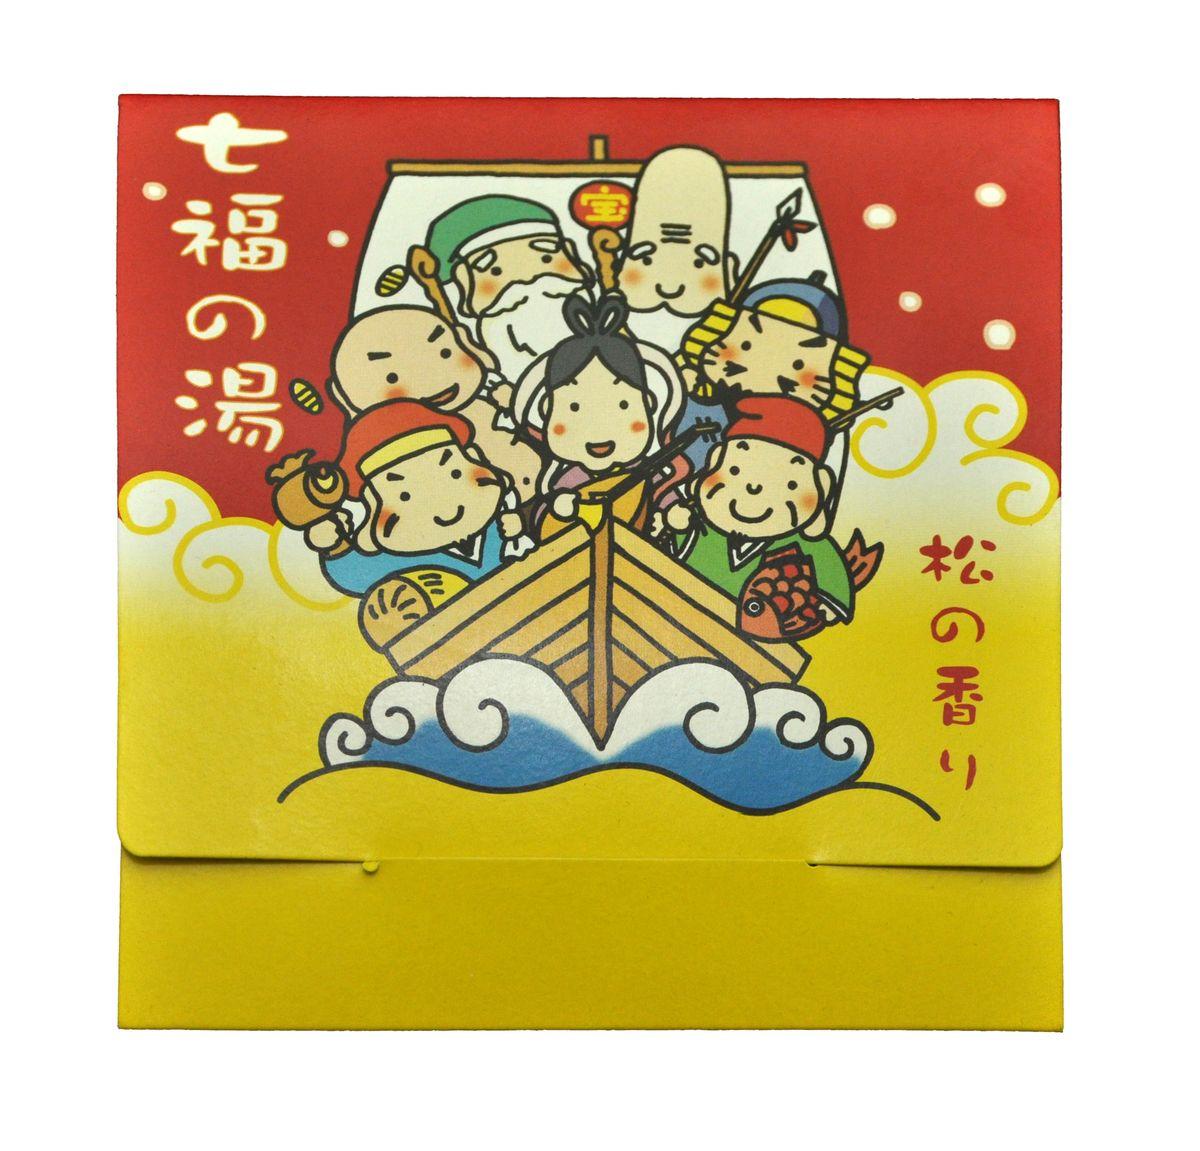 цена на Max Соль для ванны Горячий источник Shitifukunoyu, аромат сосны, 25 г